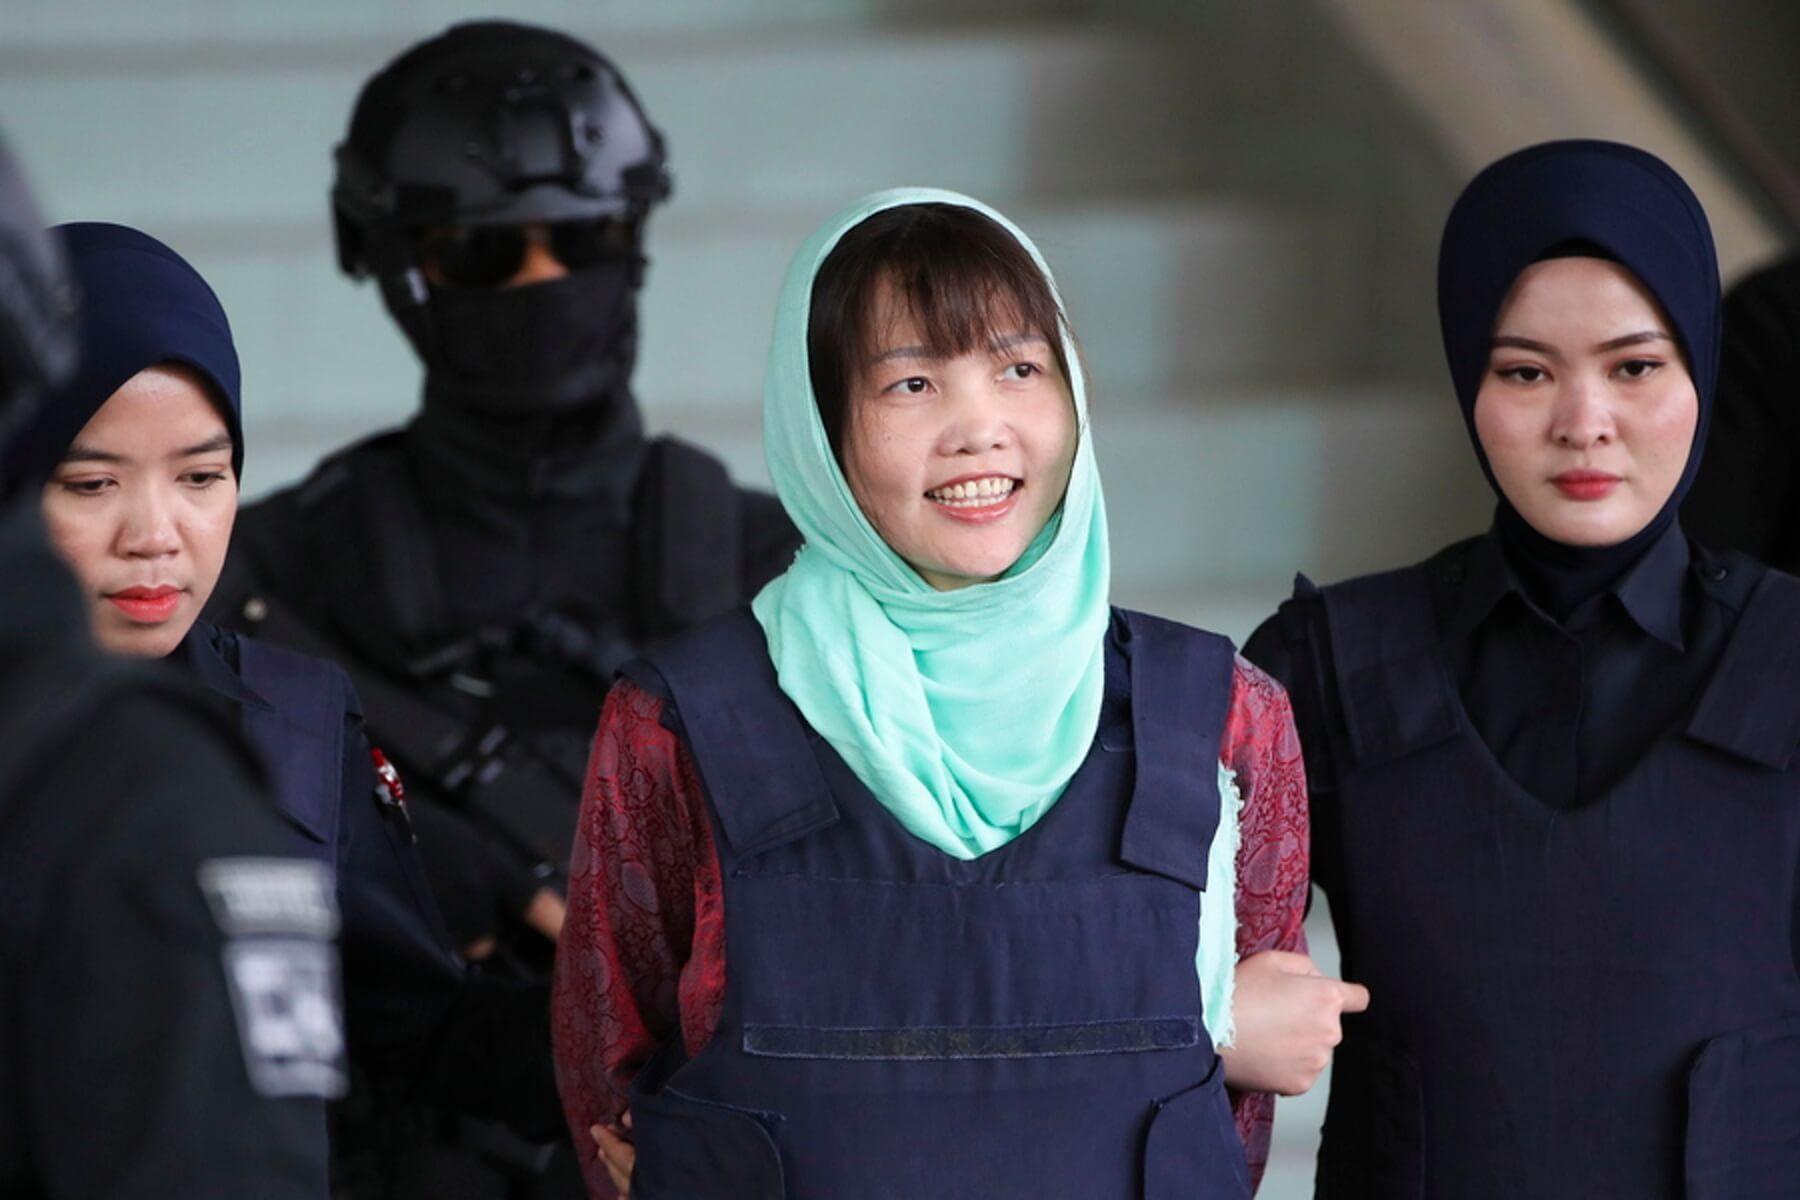 Μαλαισία: Η ανήλικη αρχηγός του κινήματος κατά της σεξουαλικής κακοποίησης